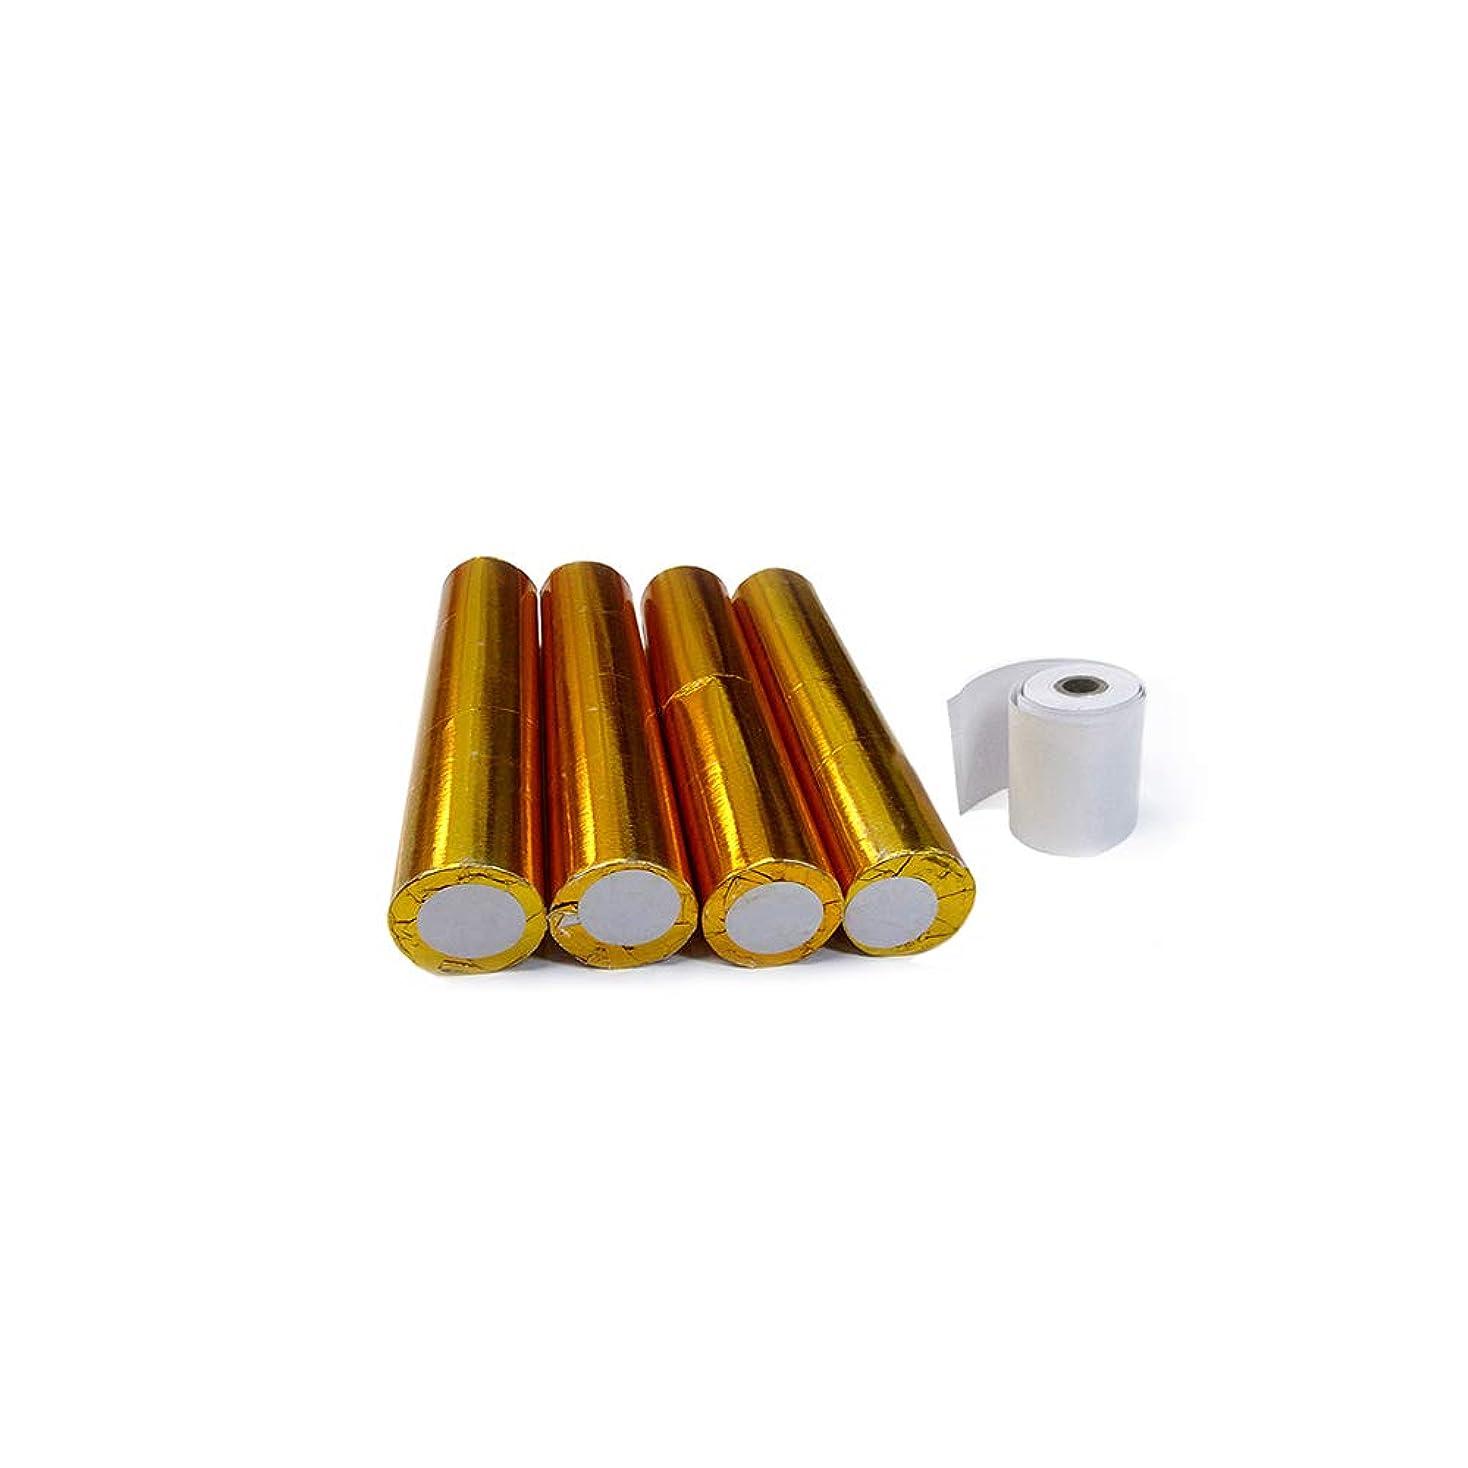 組み立てる香水芸術指紋認証タイムレコーダーT-MAX7、NEW高速コインカウンターEM-CC兼用【感熱ロール紙16本セット】